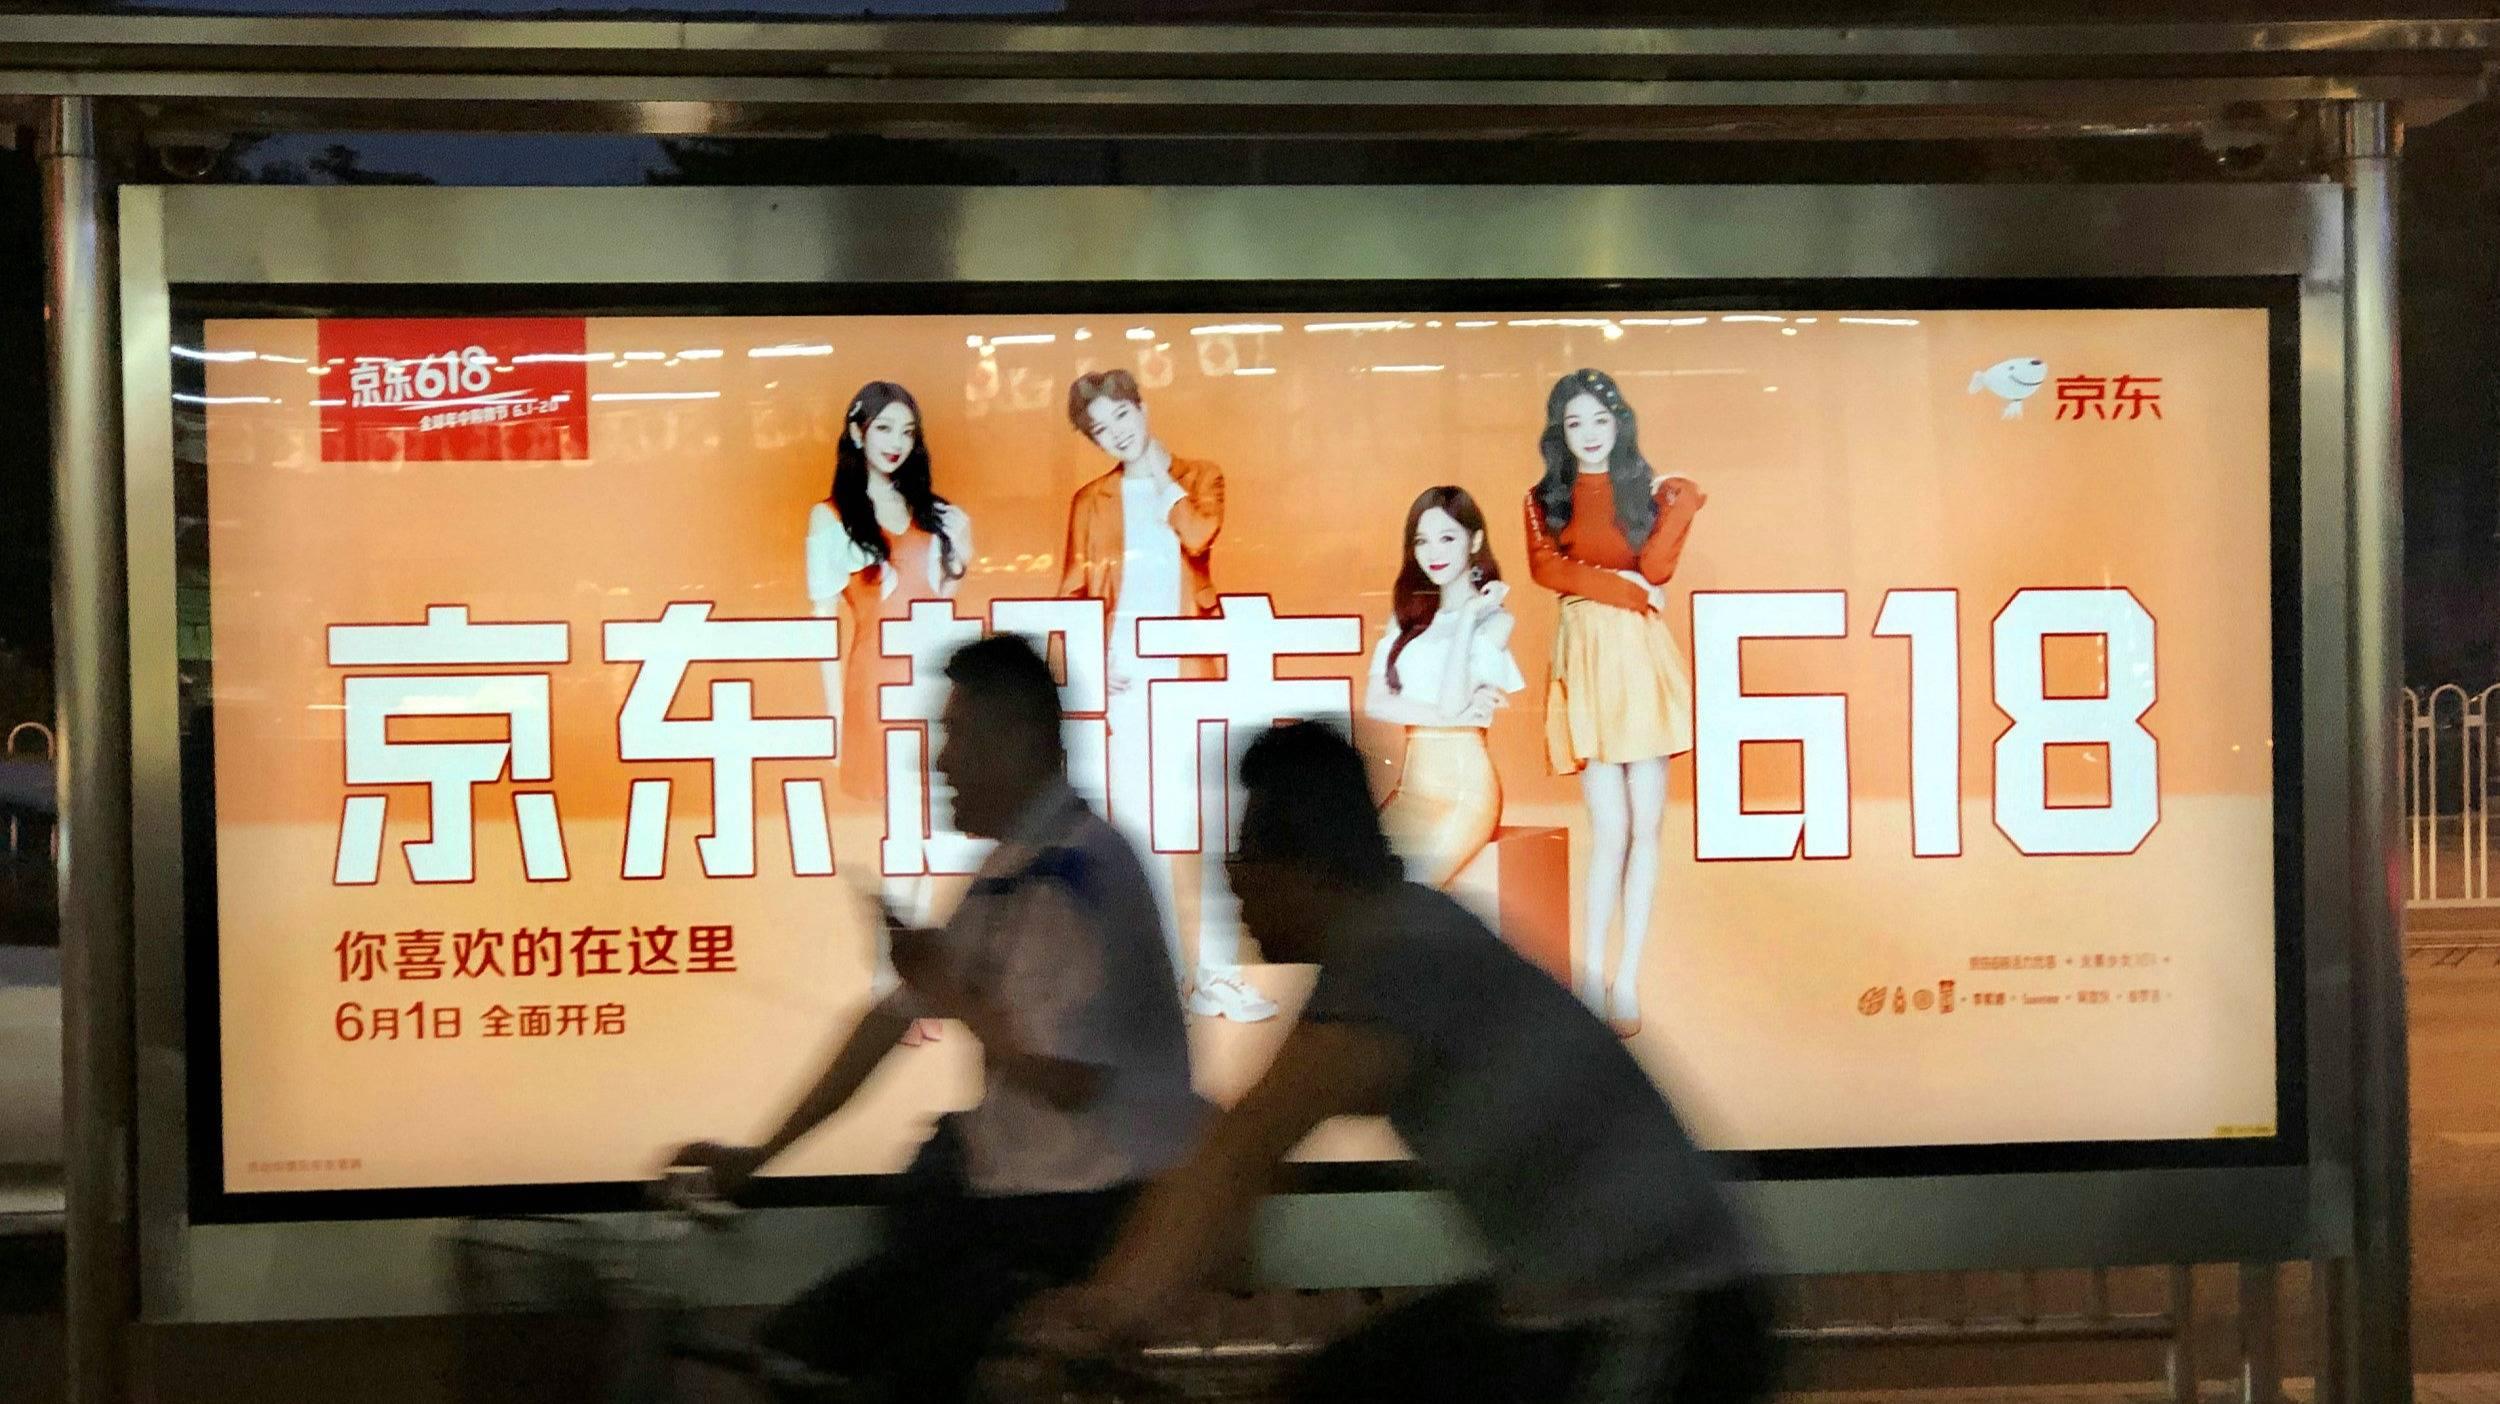 今天,京东快手结盟:中国互联网战役开始了